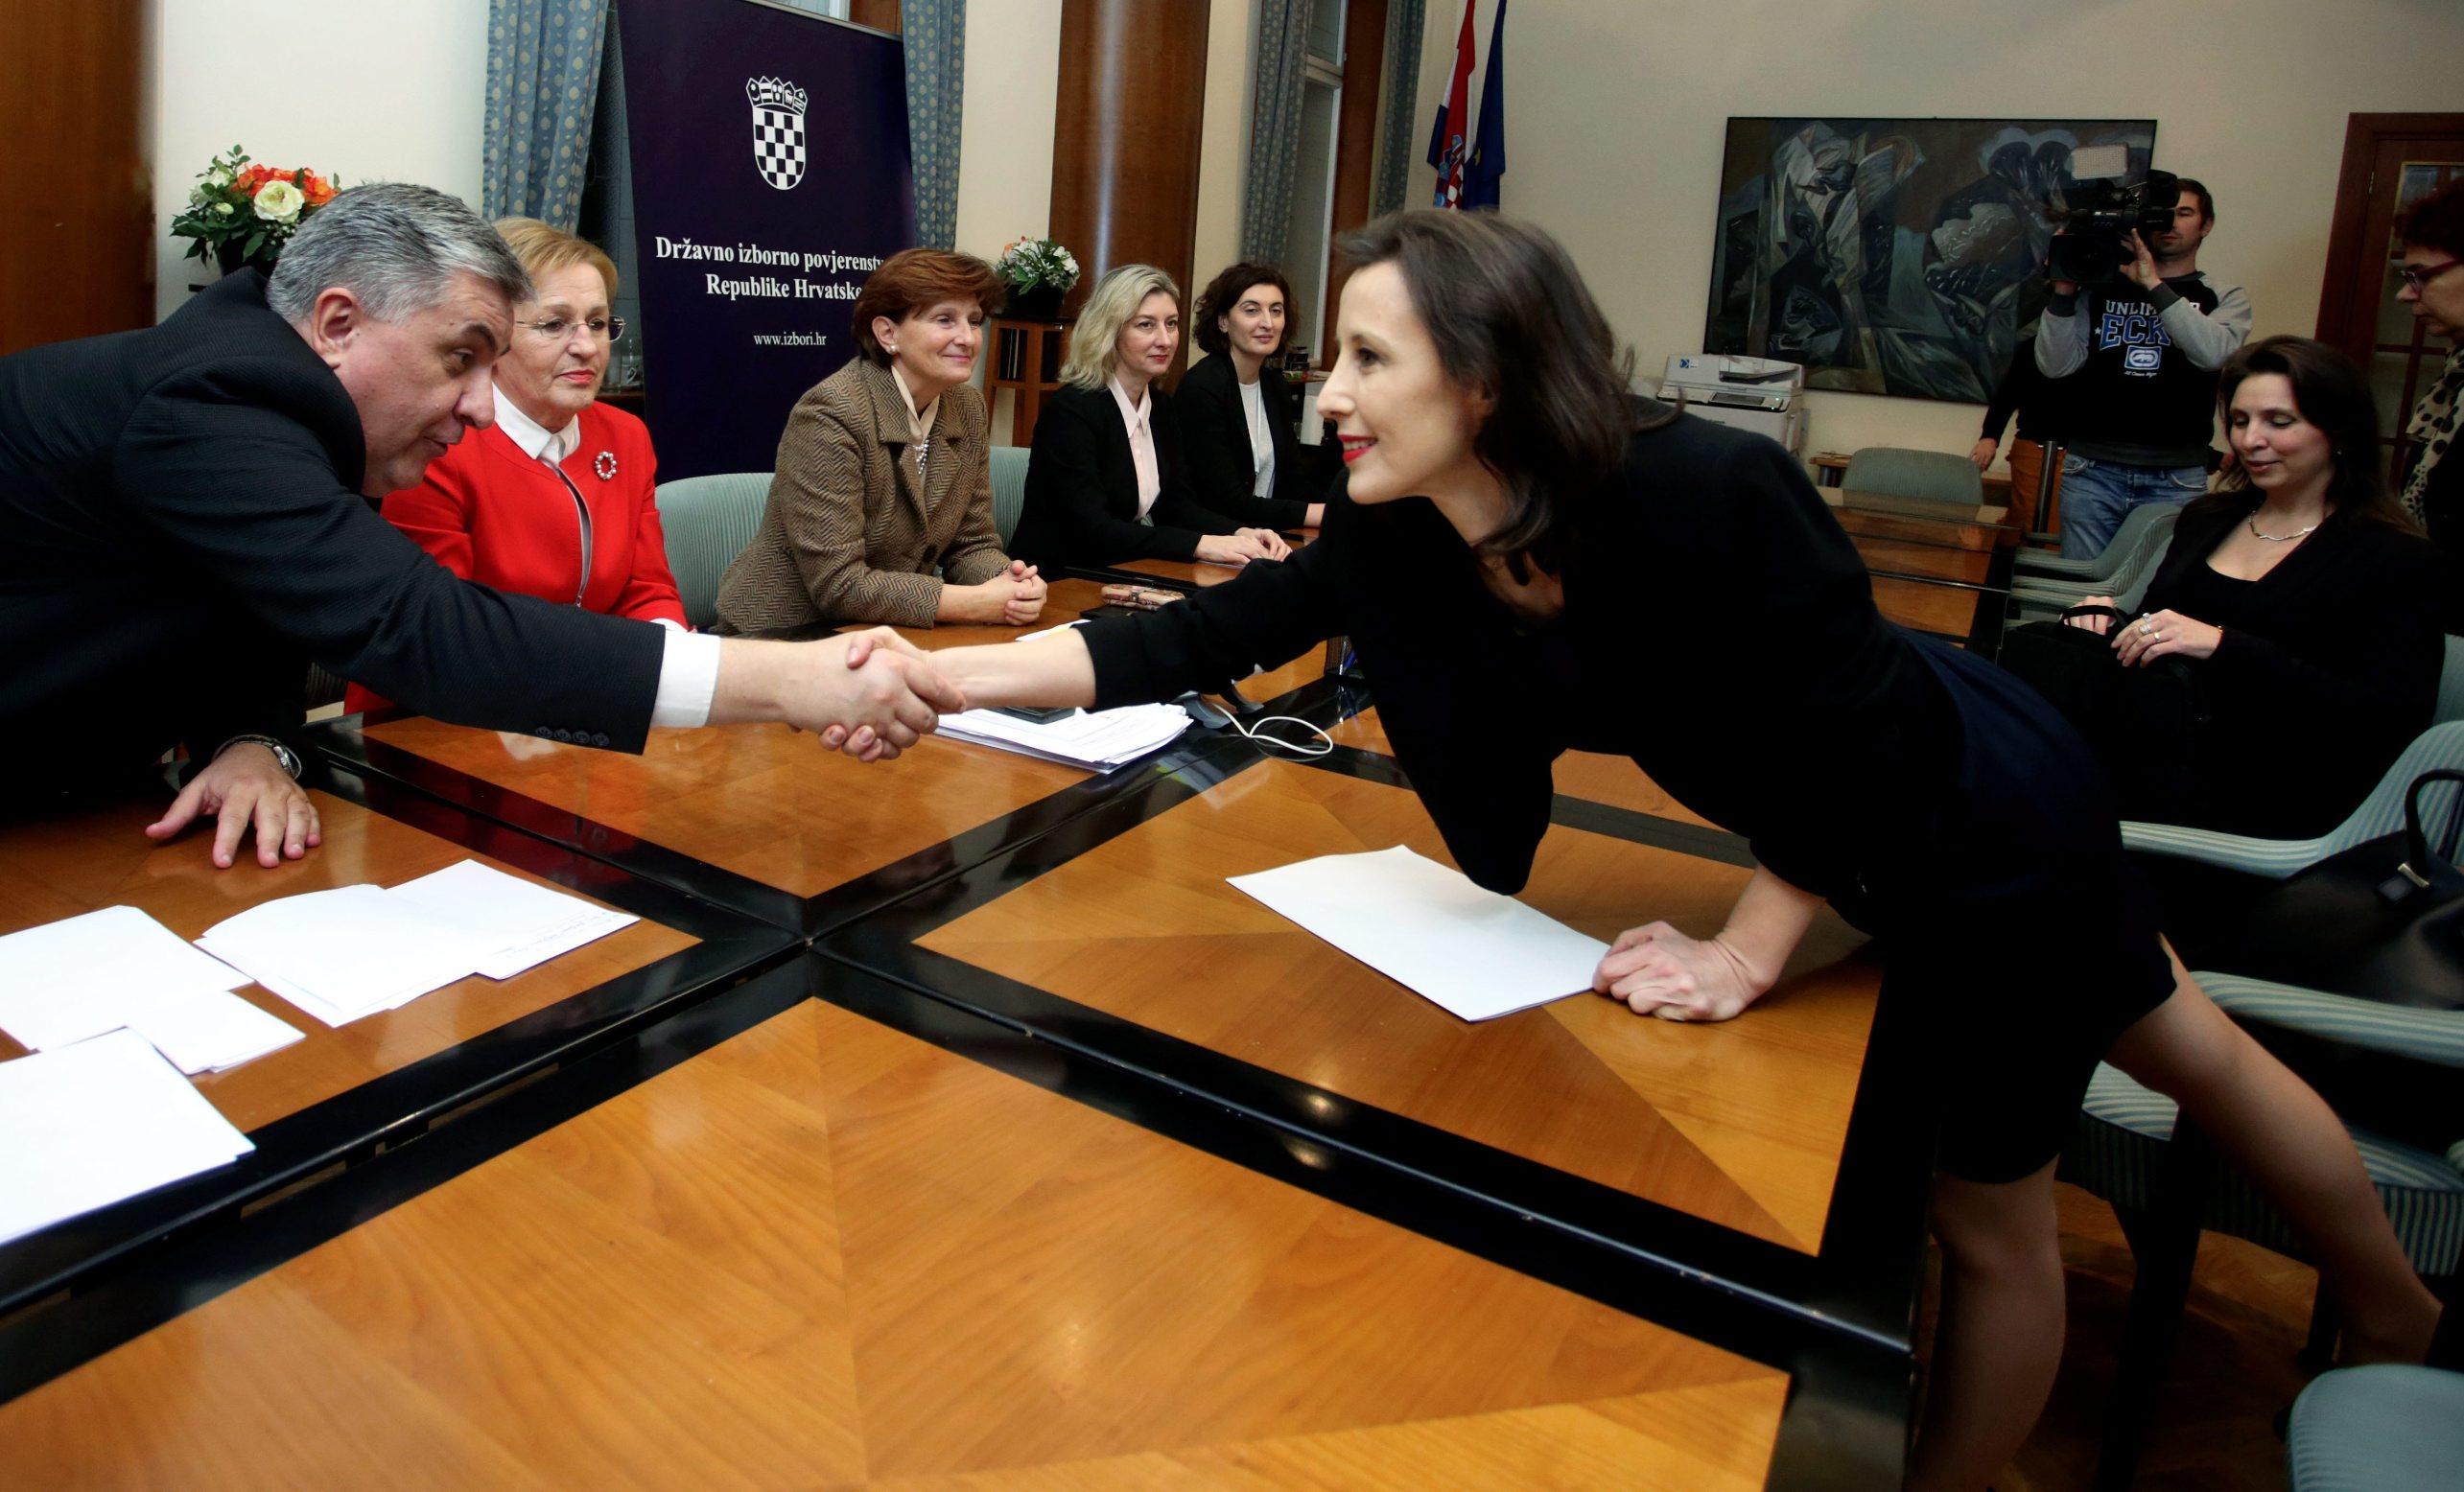 Zagreb, 031219. Sabor RH.  Dalija Oreskovic predala je potpise u Saboru za kandidaturu za predsjednicke izbore. Na fotografiji: Dalija Oreskovic. Foto: Damjan Tadic / CROPIX